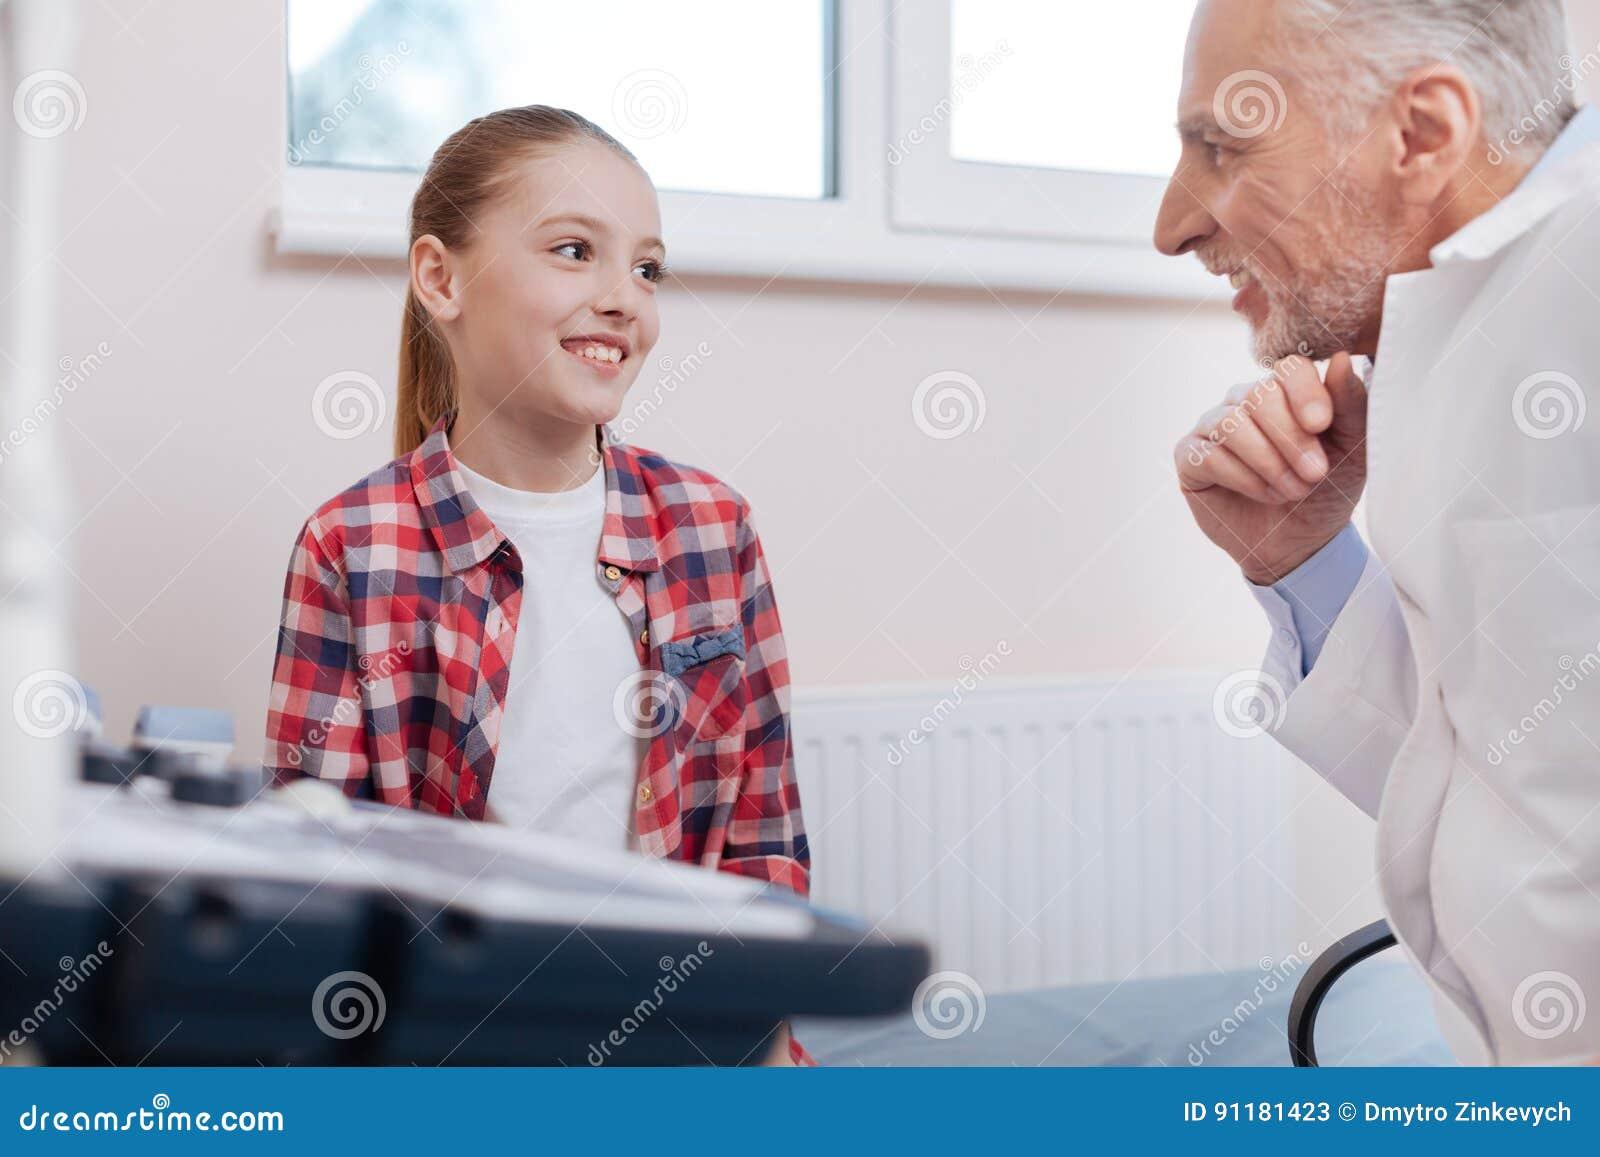 Optimistisches Mädchen Das Besuch Zum Arzt Im Krankenhaus Genießt